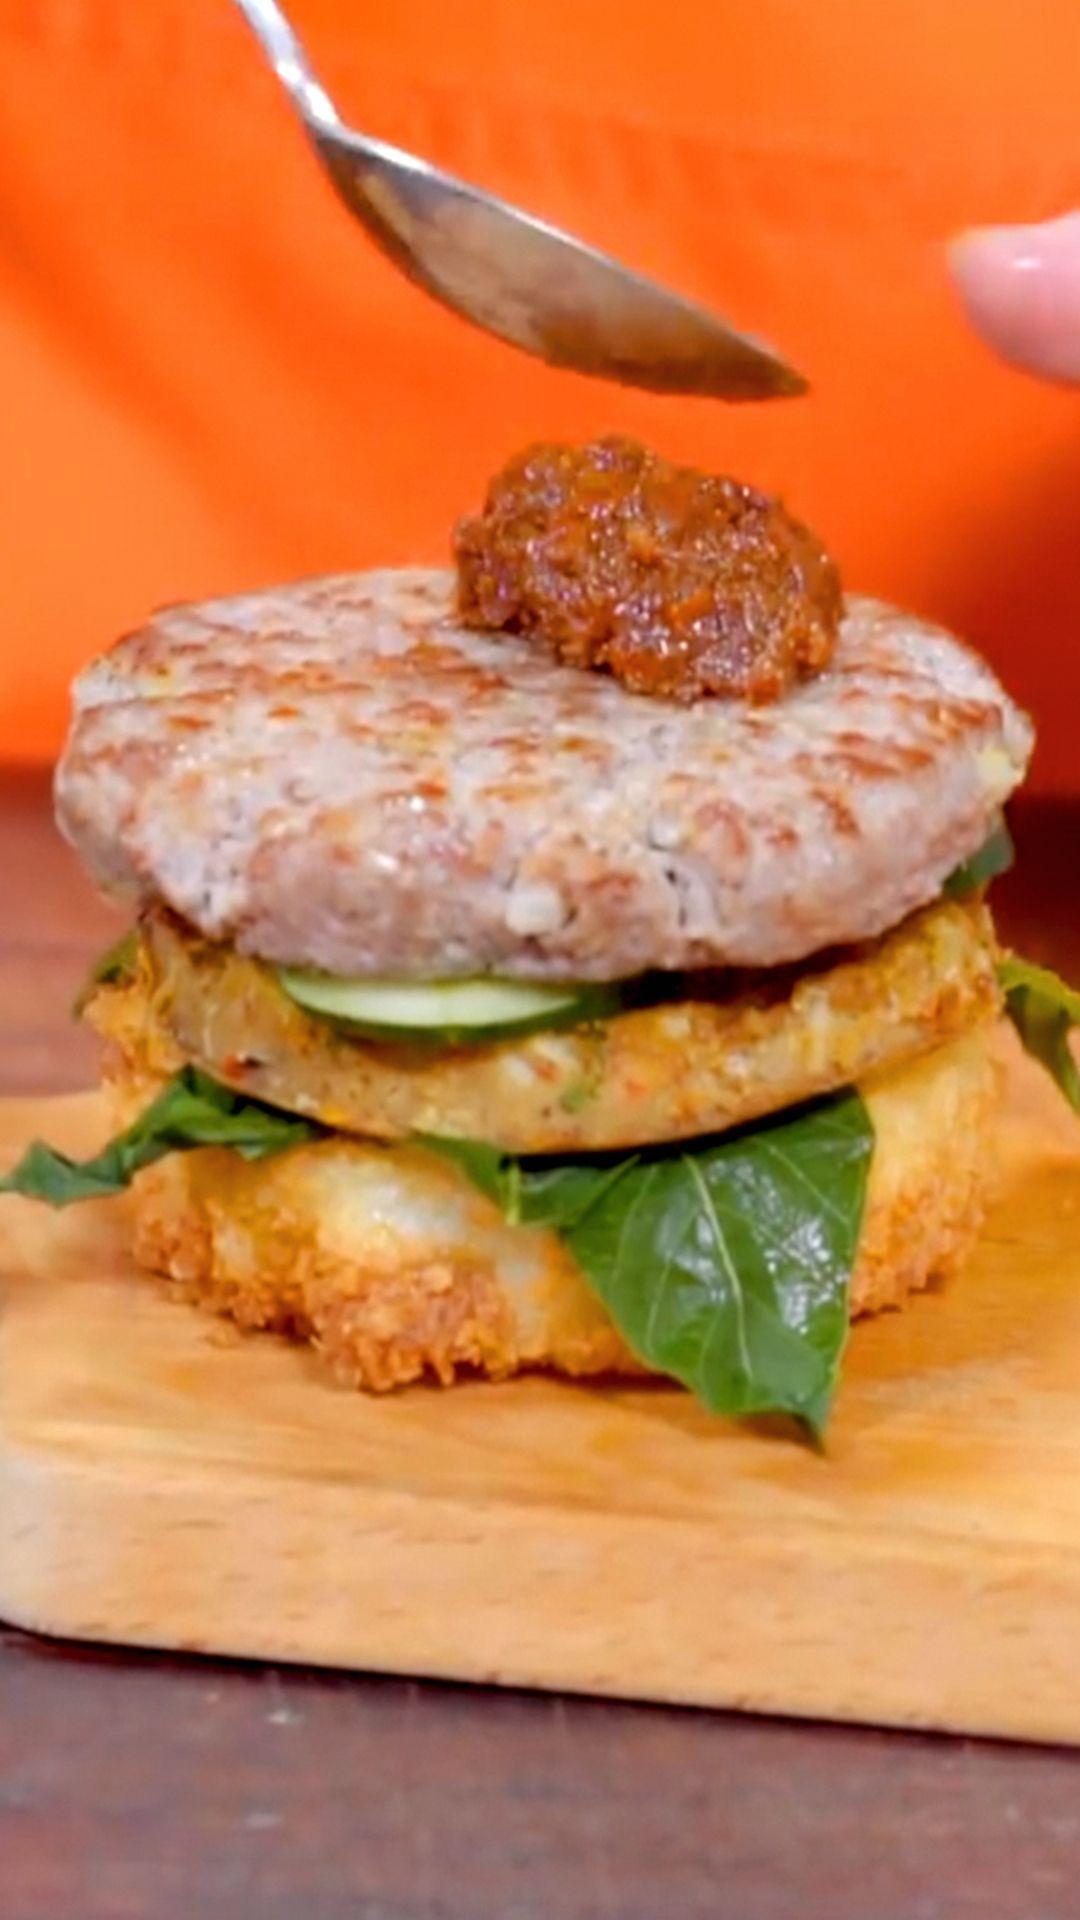 Video Aneka Rendang Anti Mainstream Di 2020 Resep Burger Resep Masakan